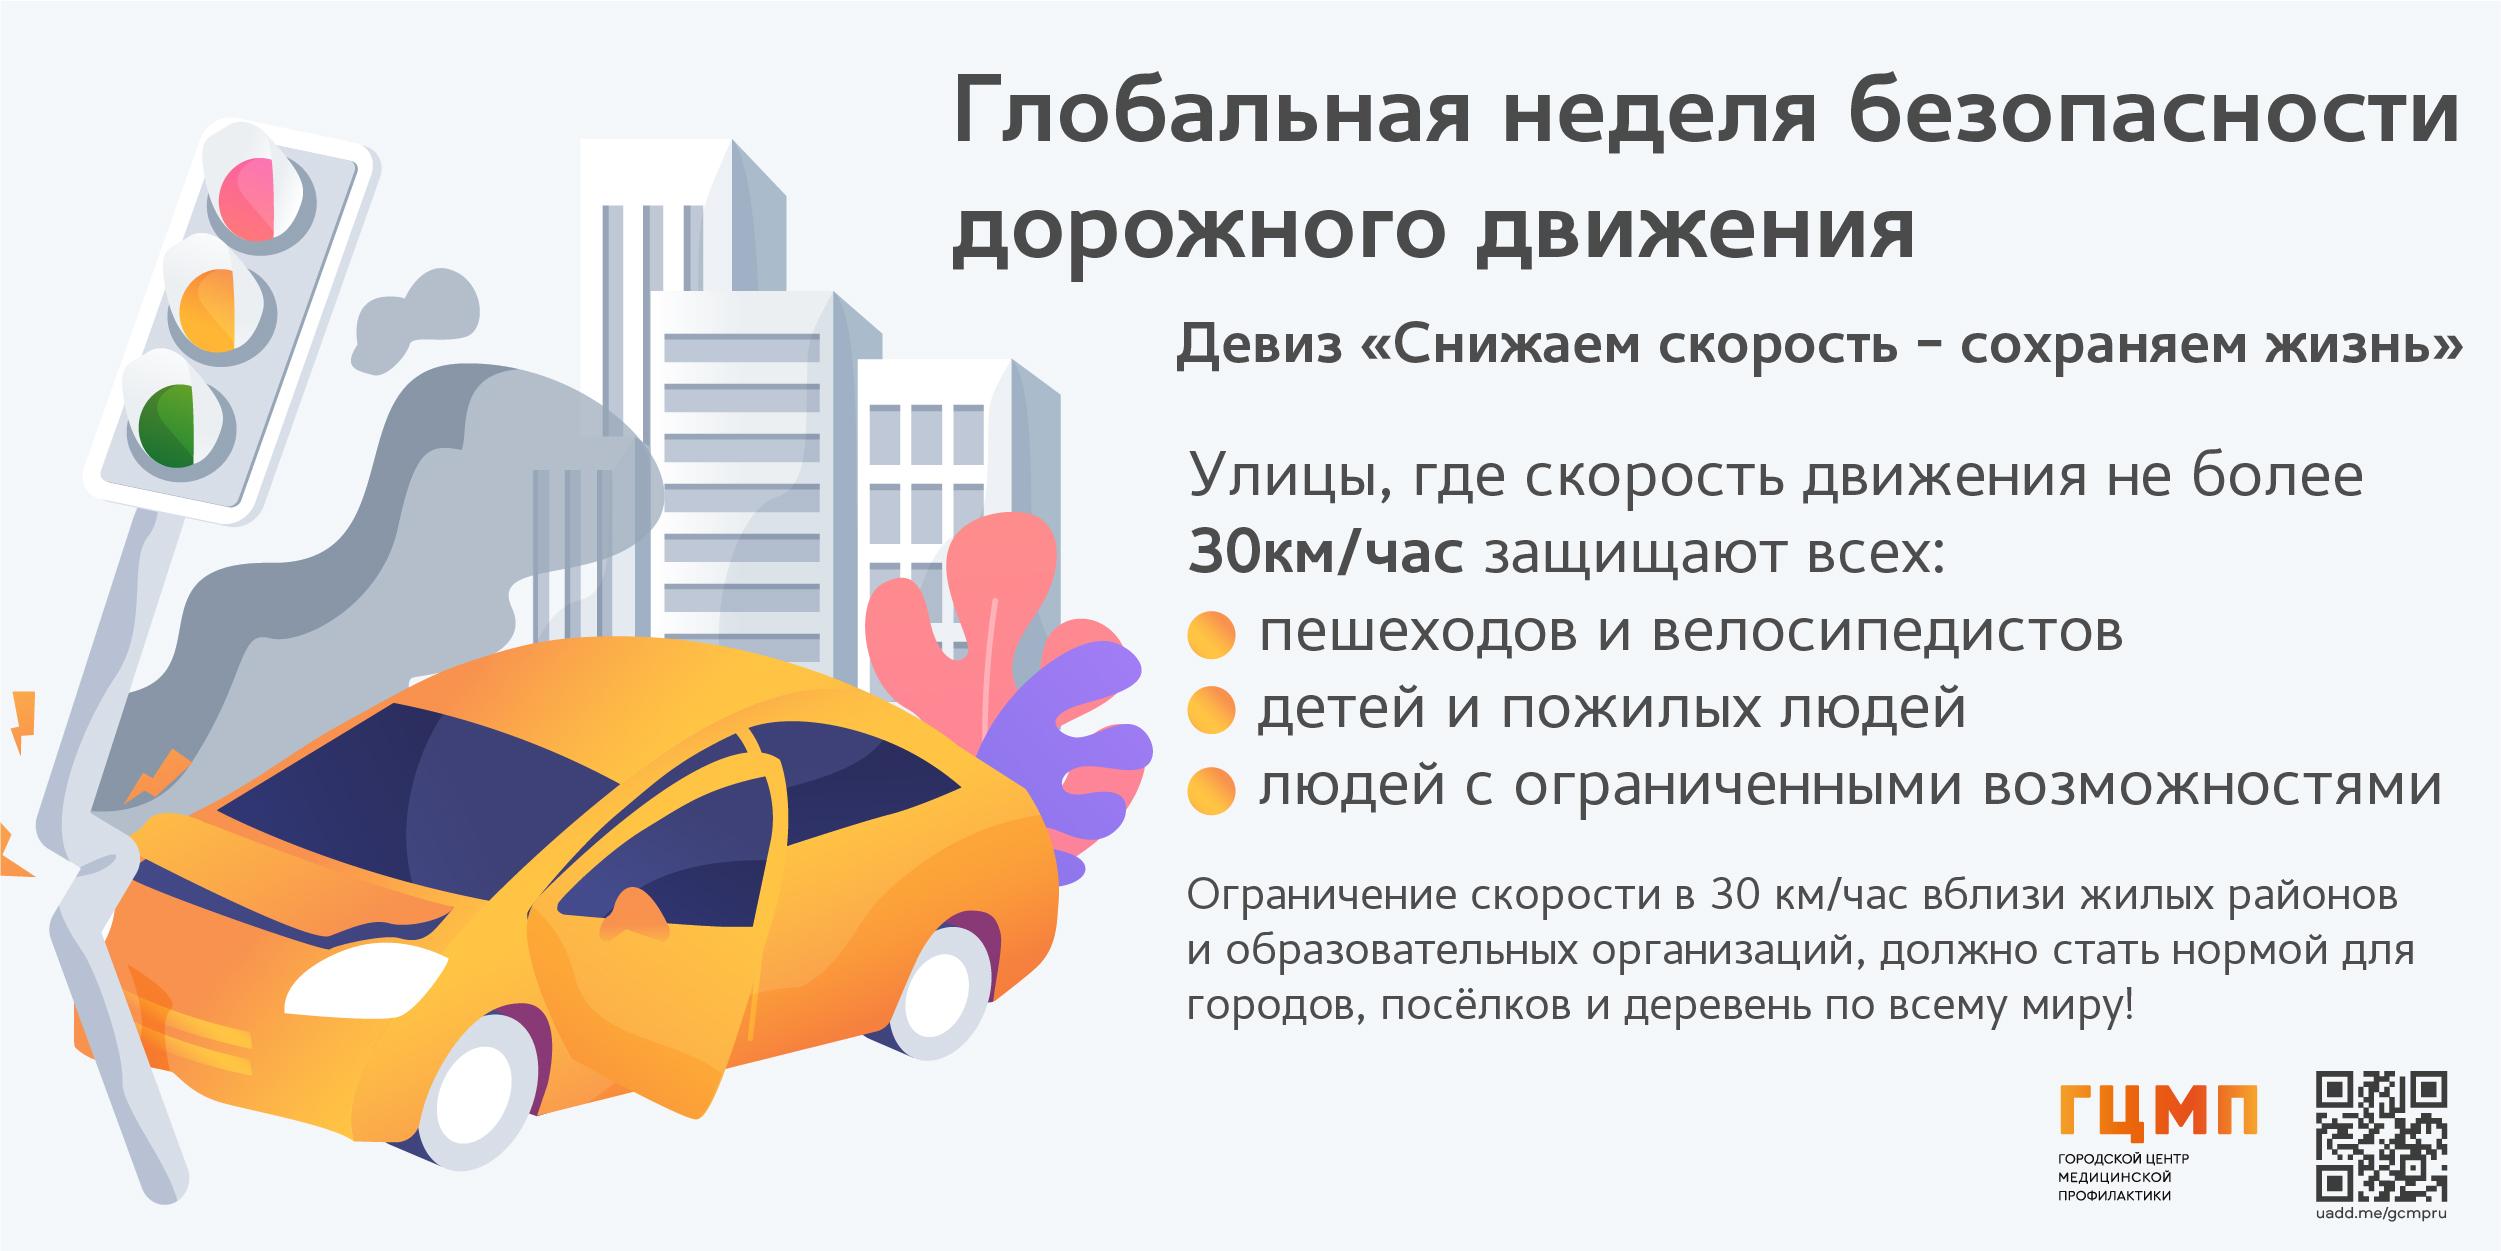 Глобальная неделя безопасности дорожного движения